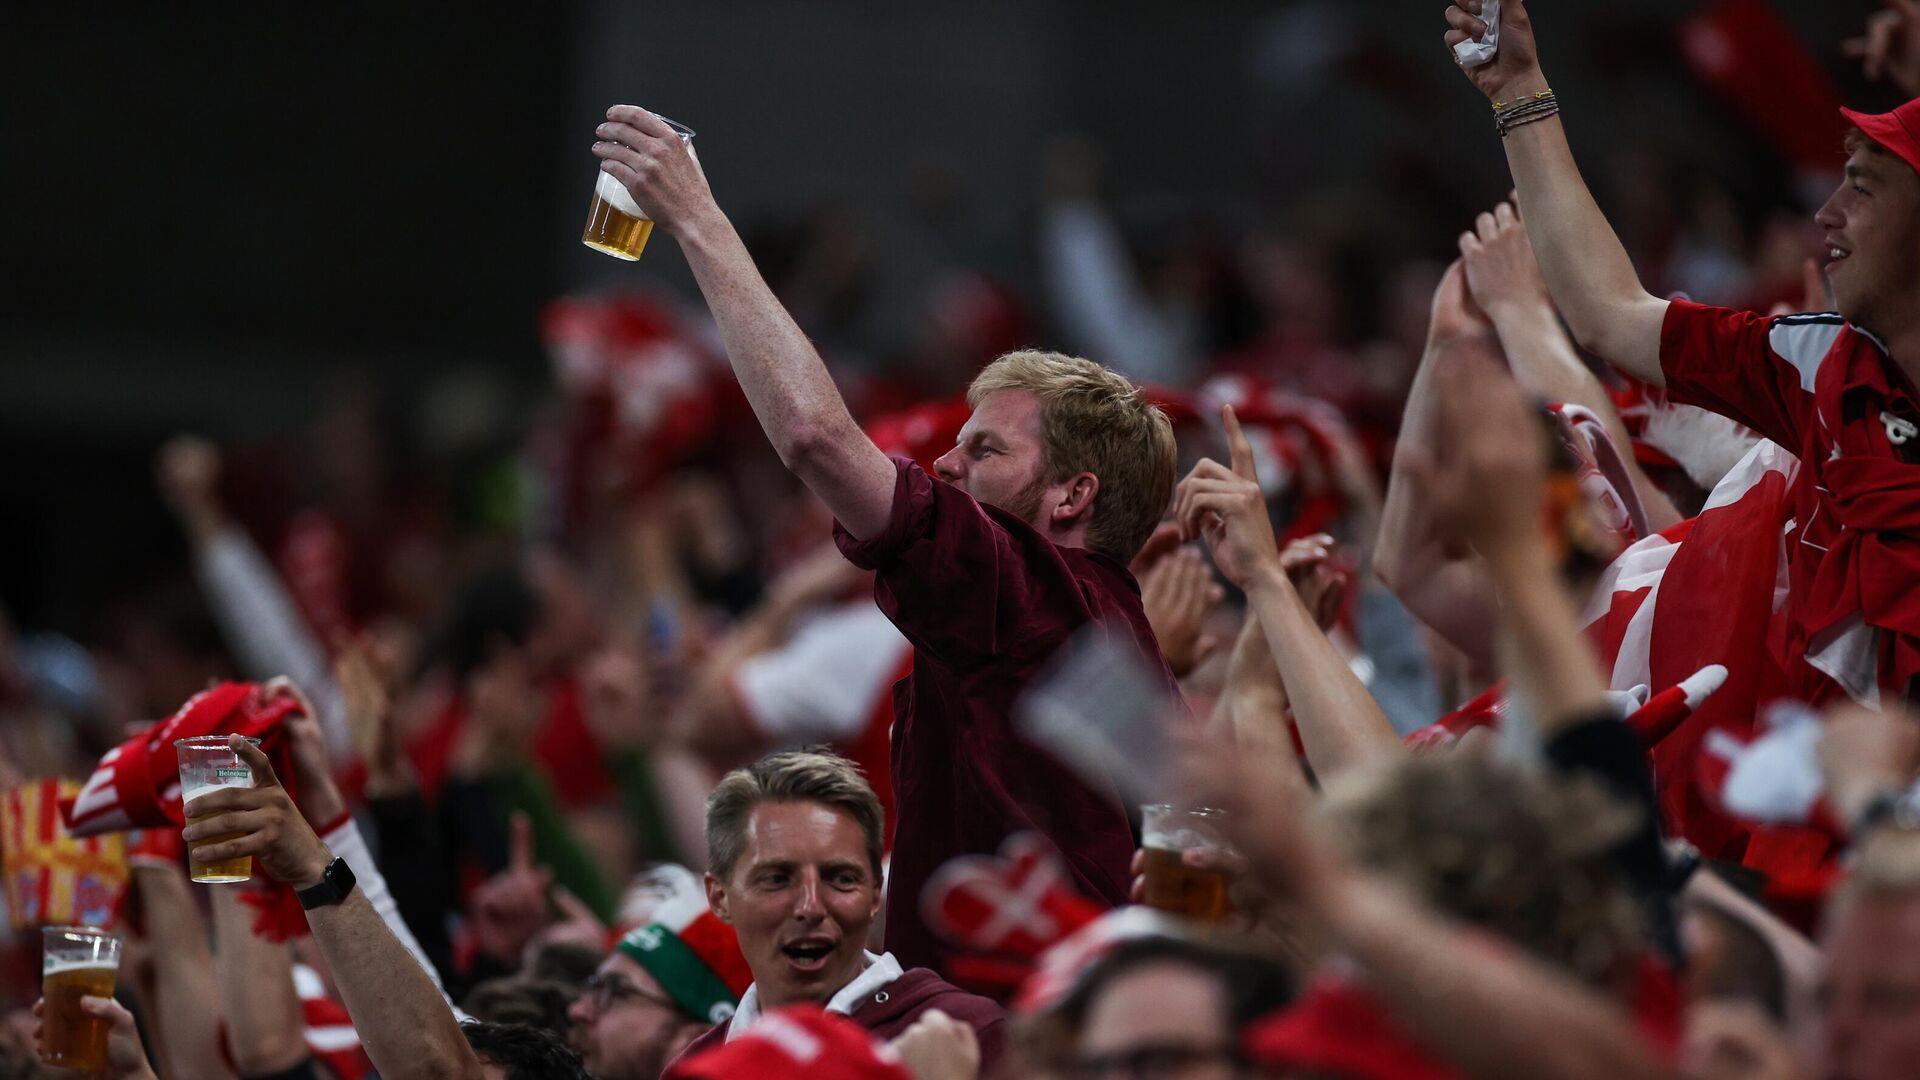 В Госдуме назвали дискриминацией невозможность продавать пиво на российских стадионах